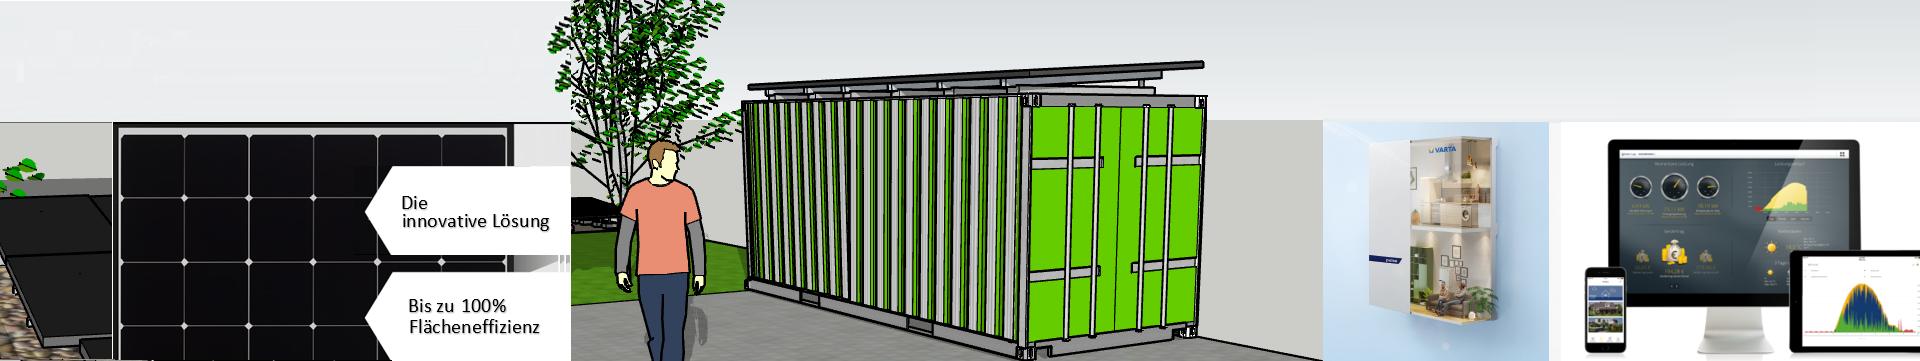 Powersystem für Schiffscontainer mit VARTA Stromspeicher und Solar-Log